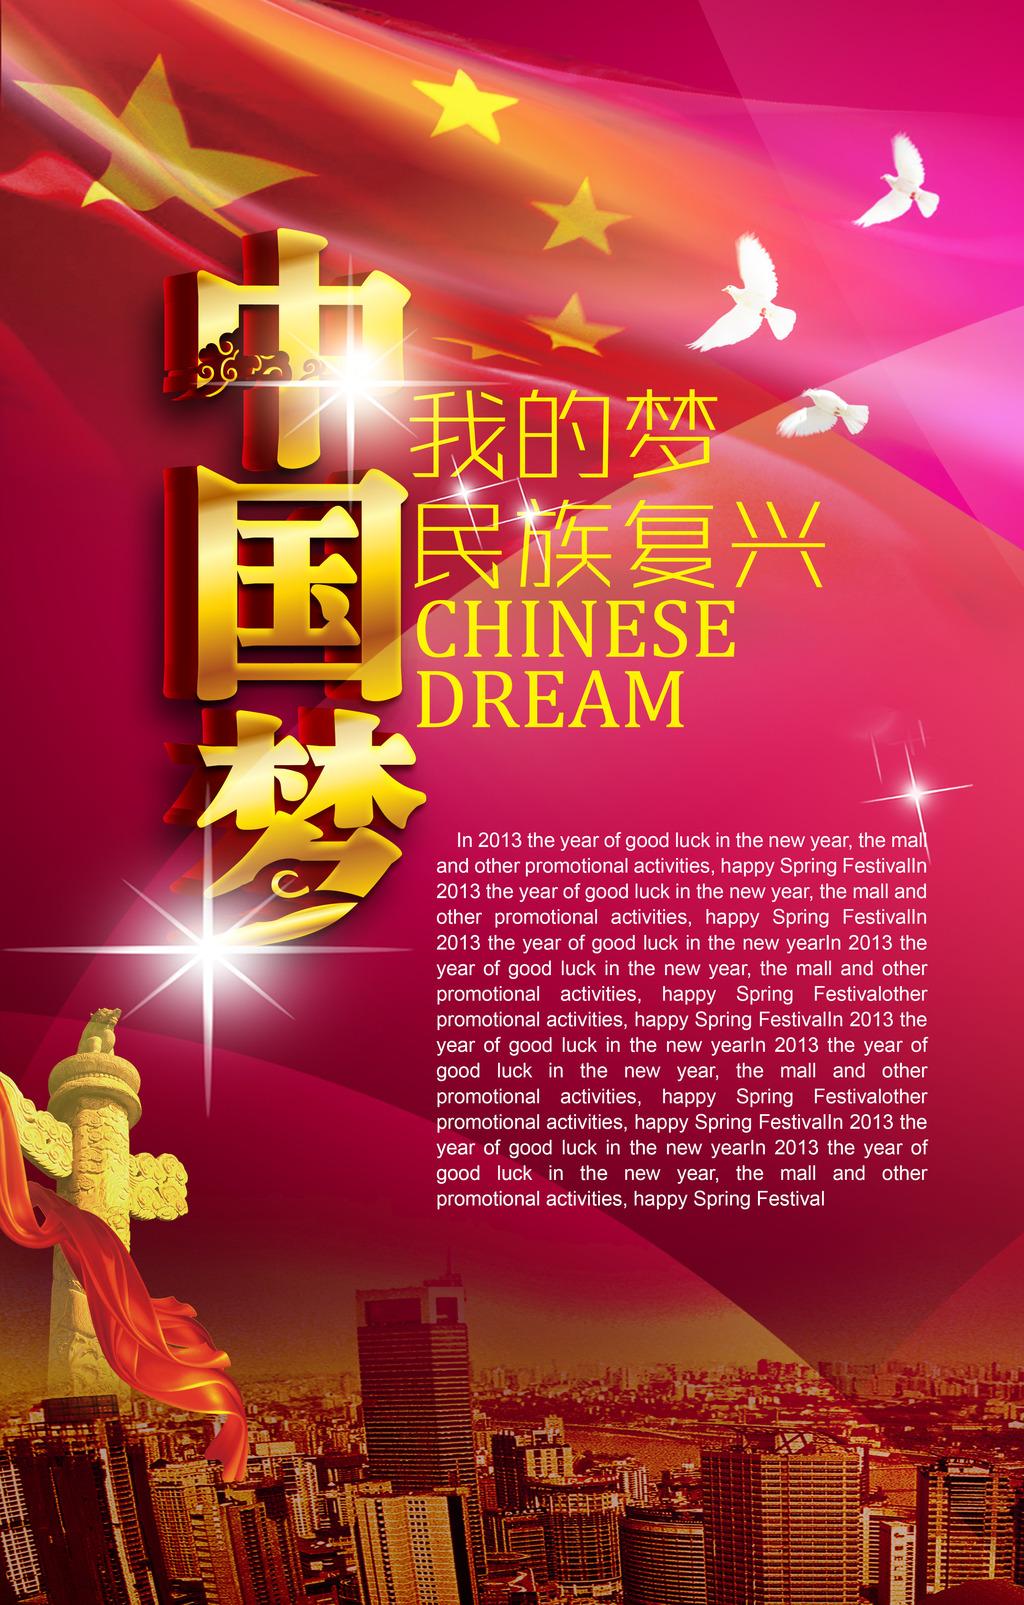 中国梦宣传照片